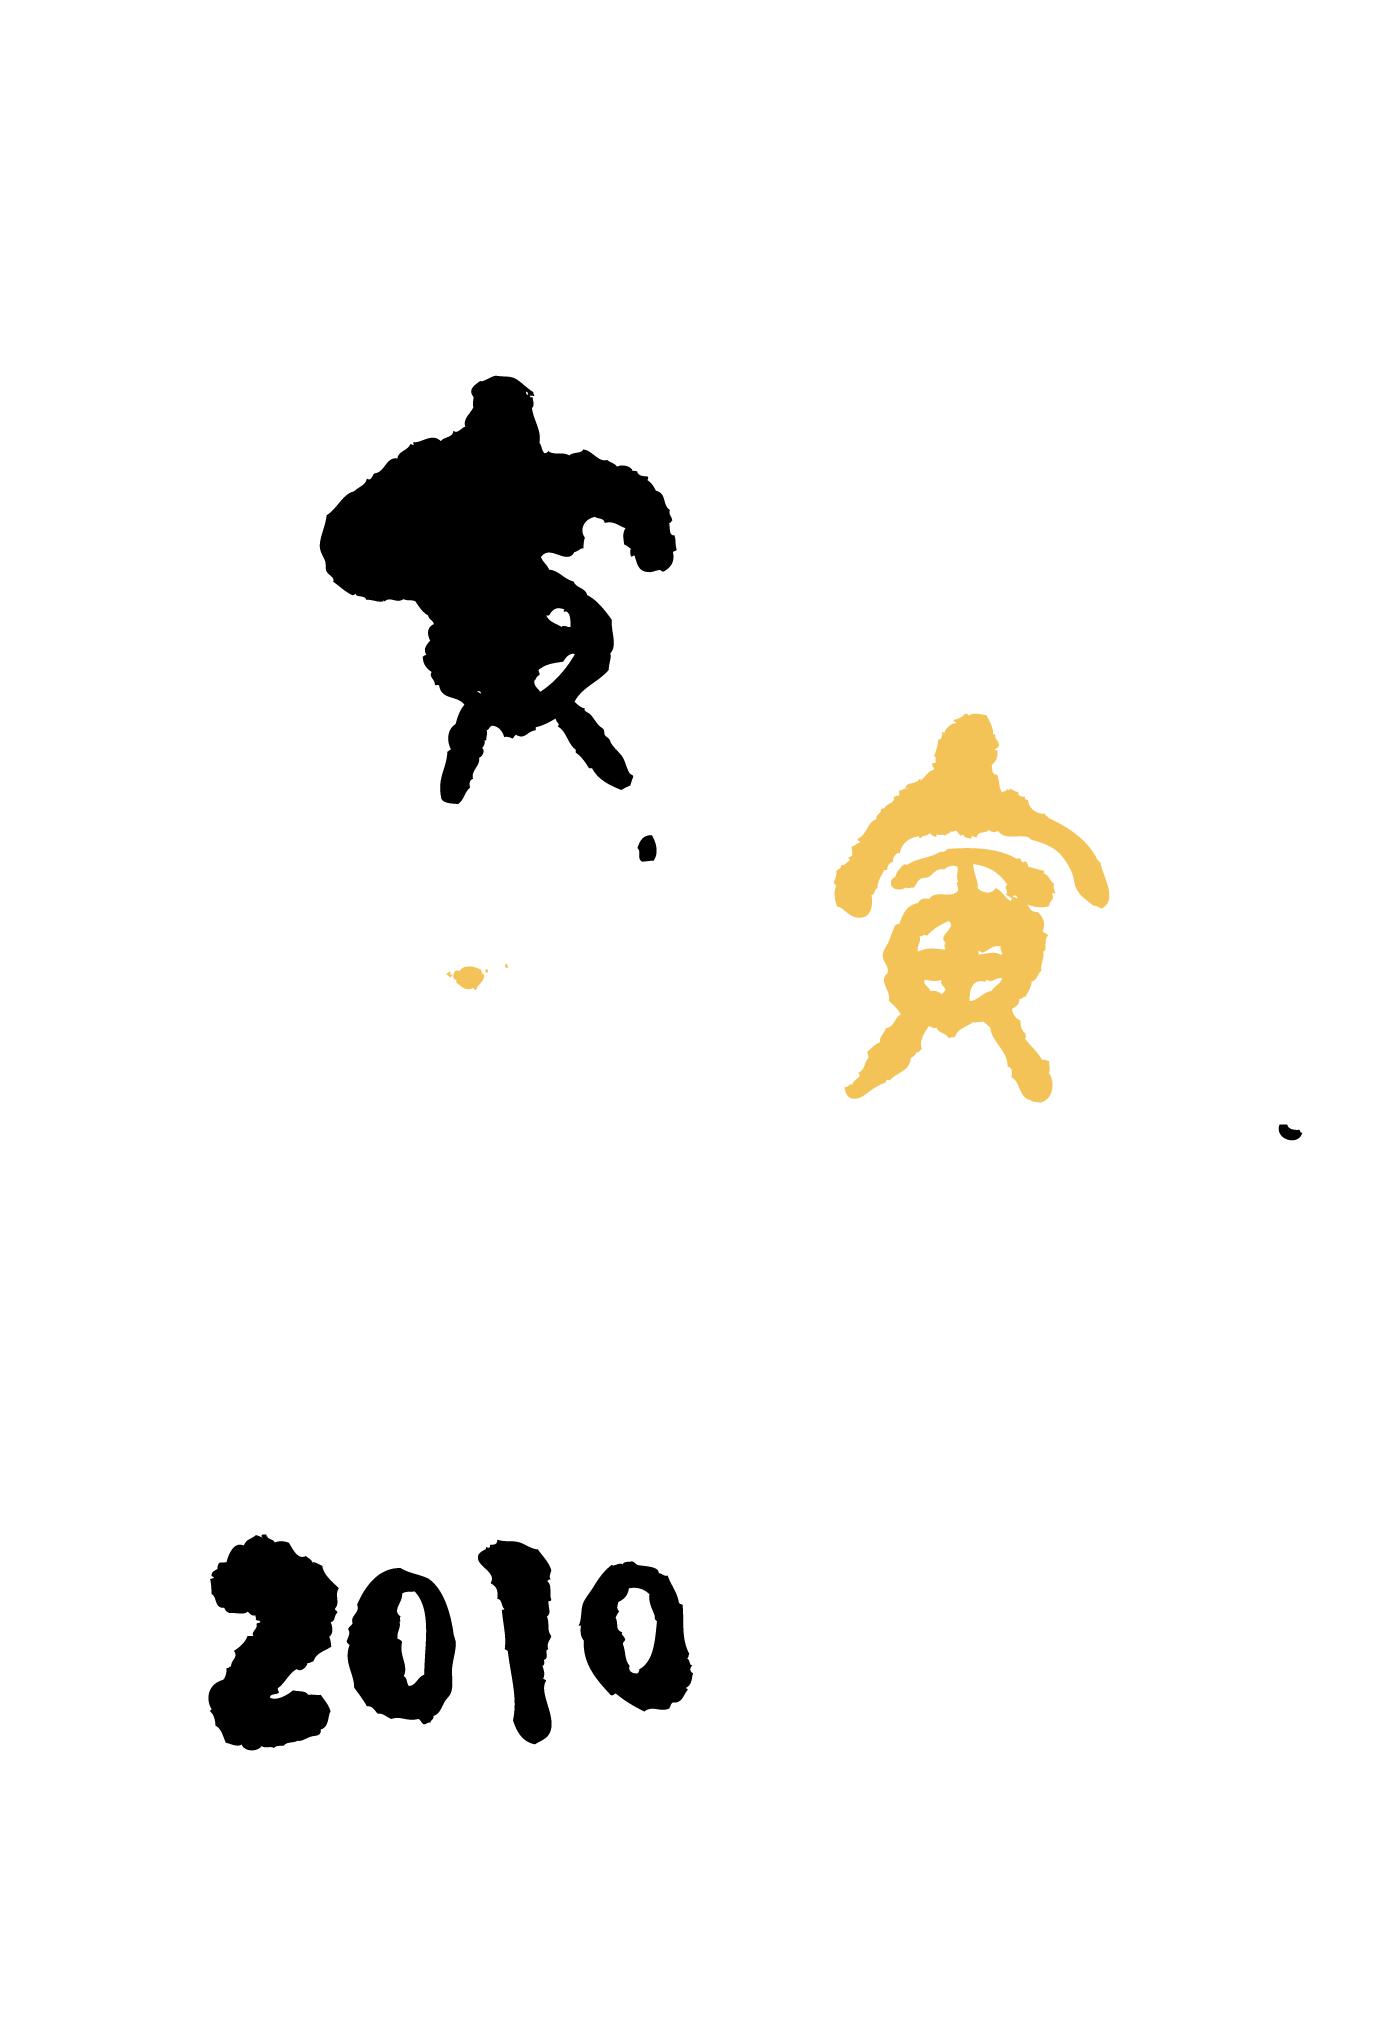 2010年賀状14:寅寅のダウンロード画像